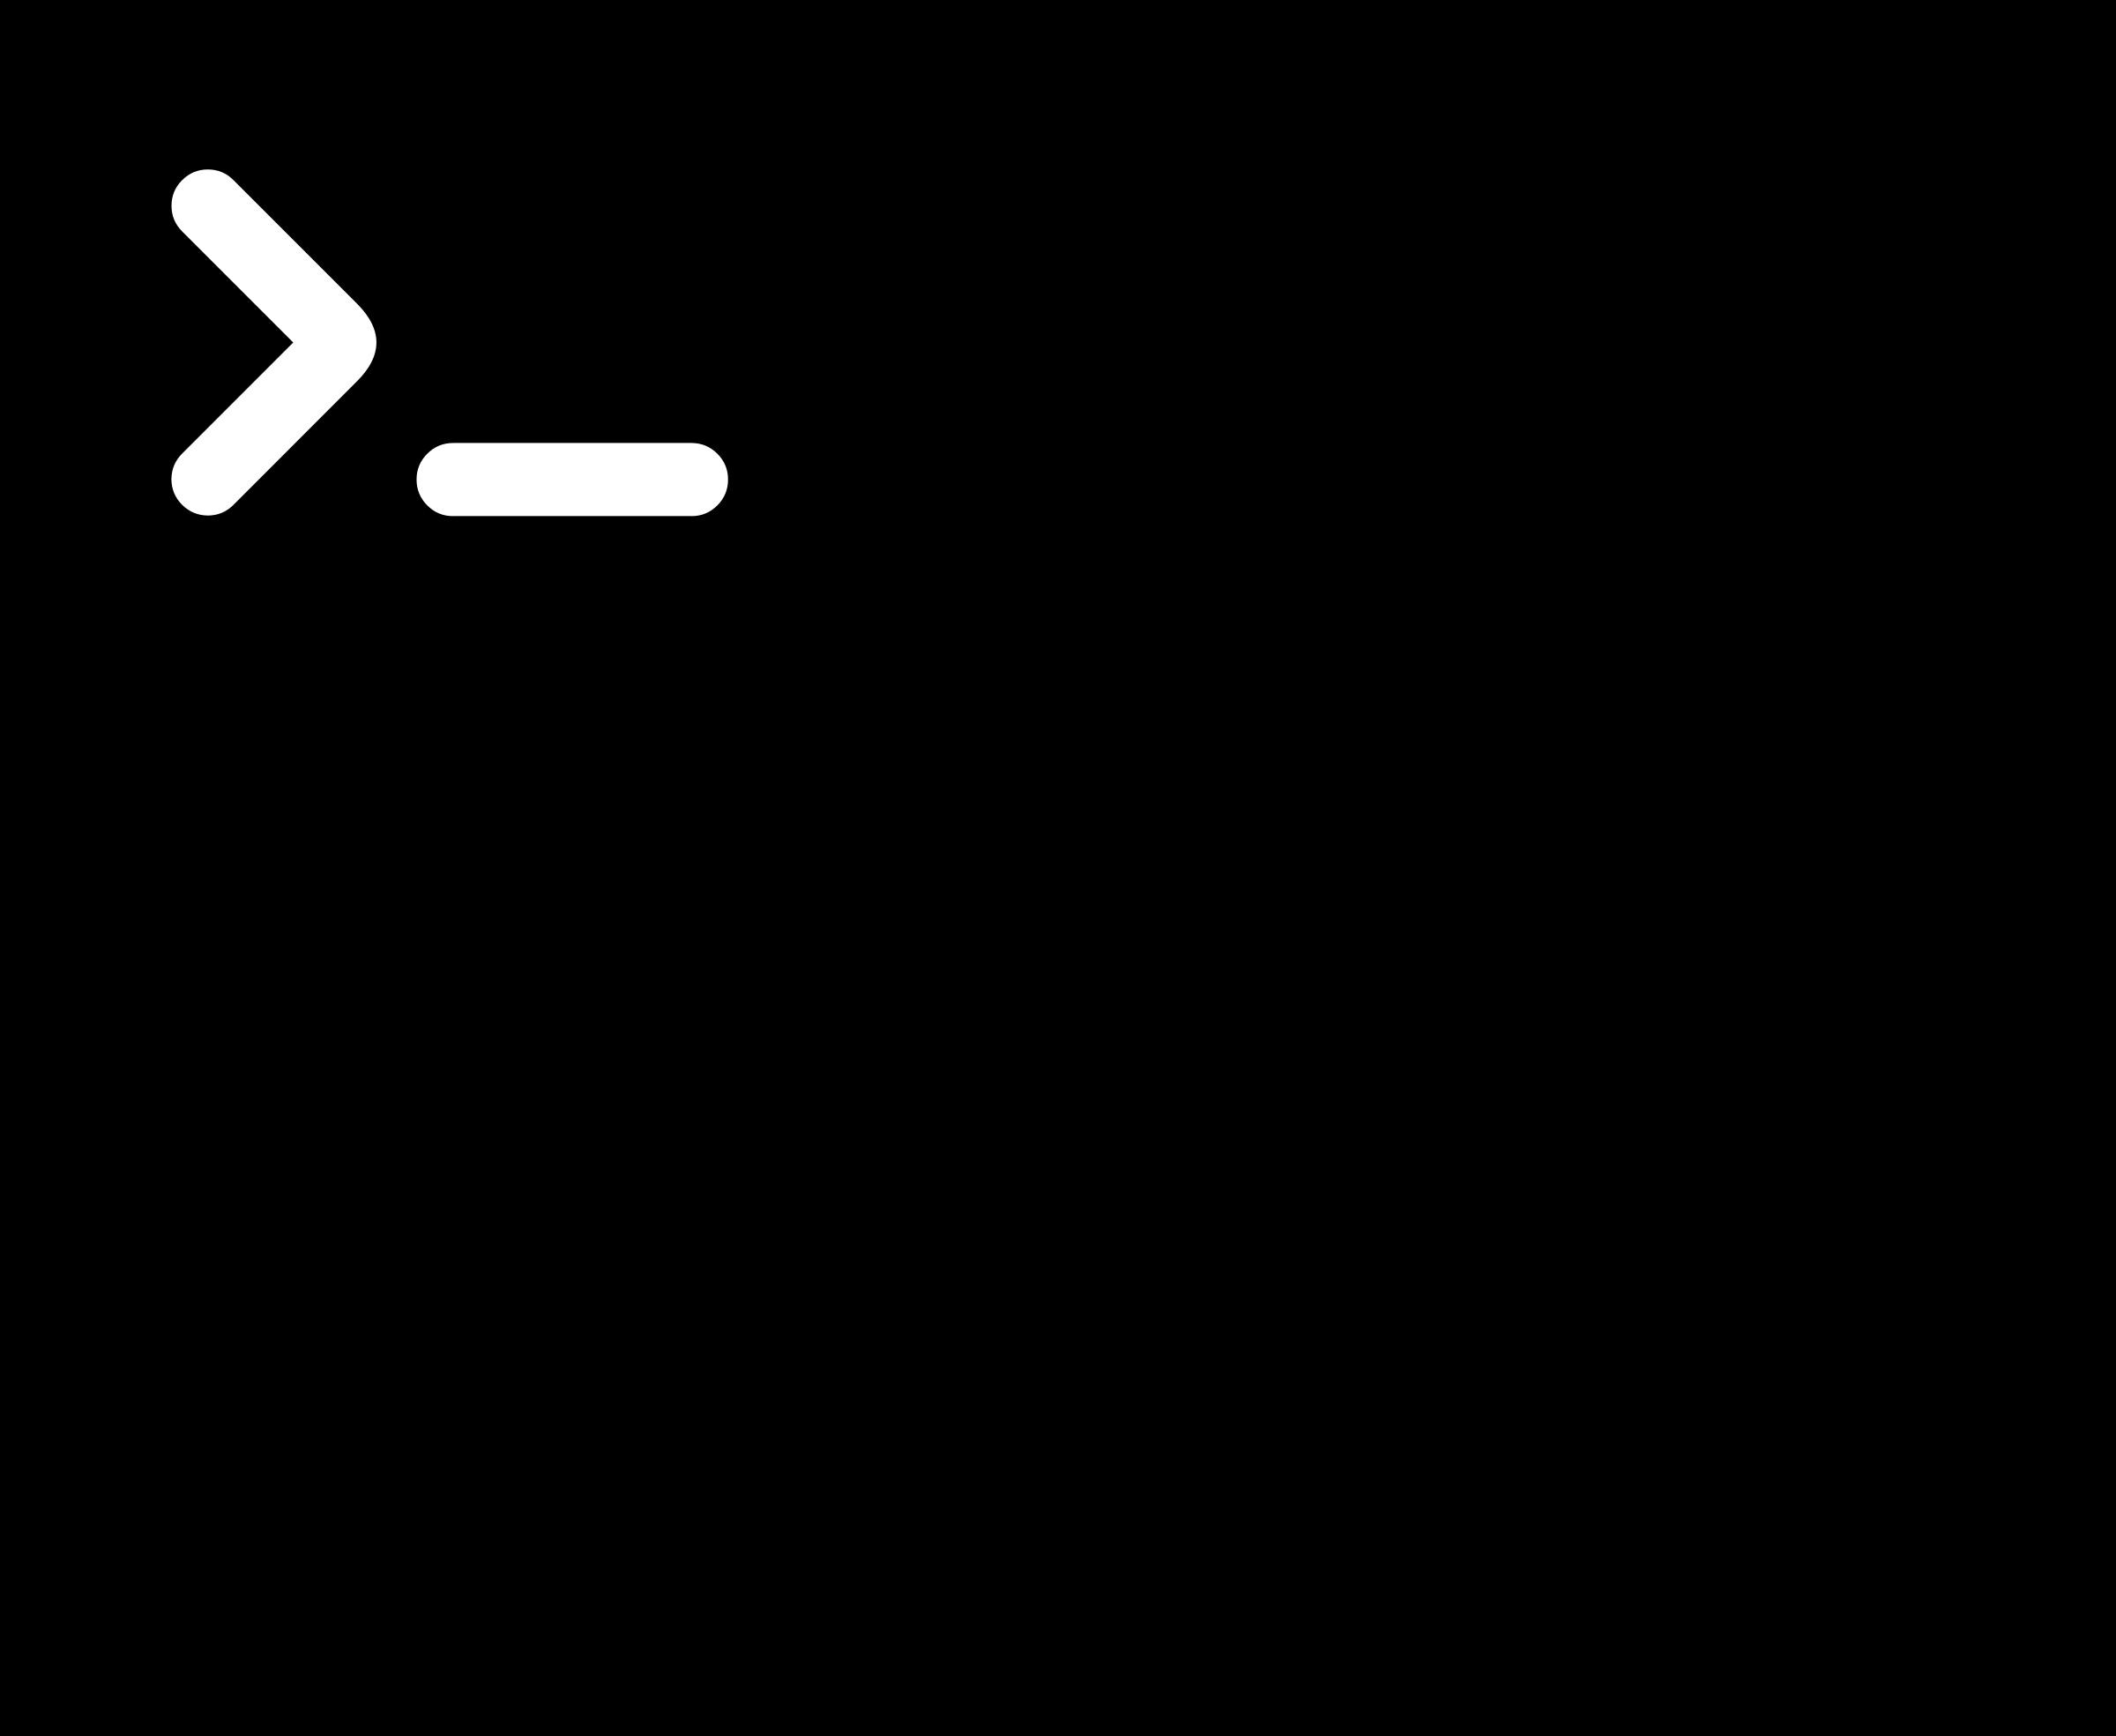 Terminal Logo PNG Transparent & SVG Vector.